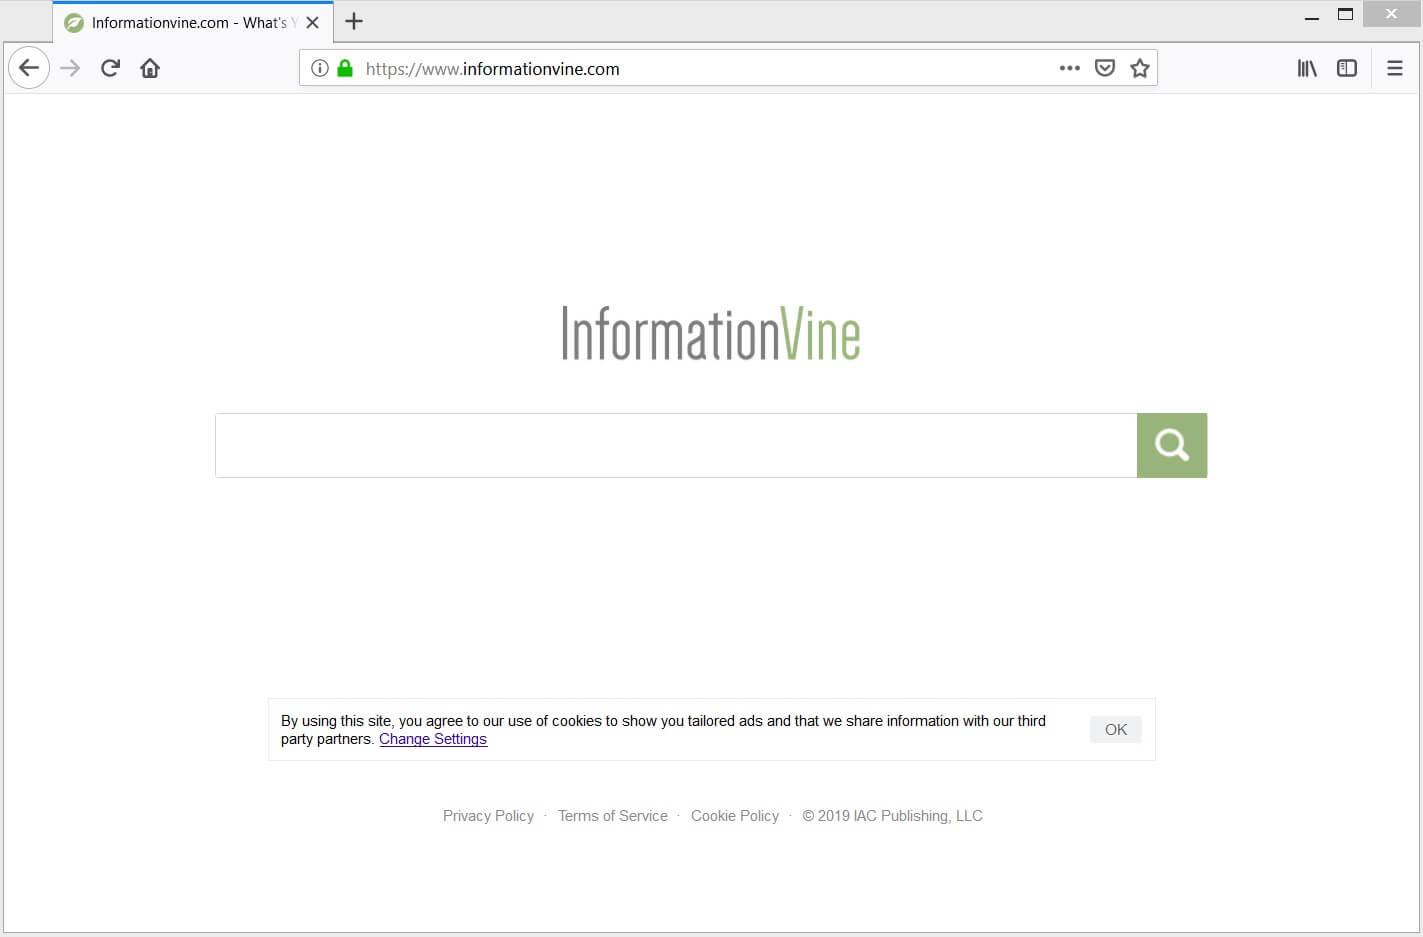 Informationvine com Hijacker